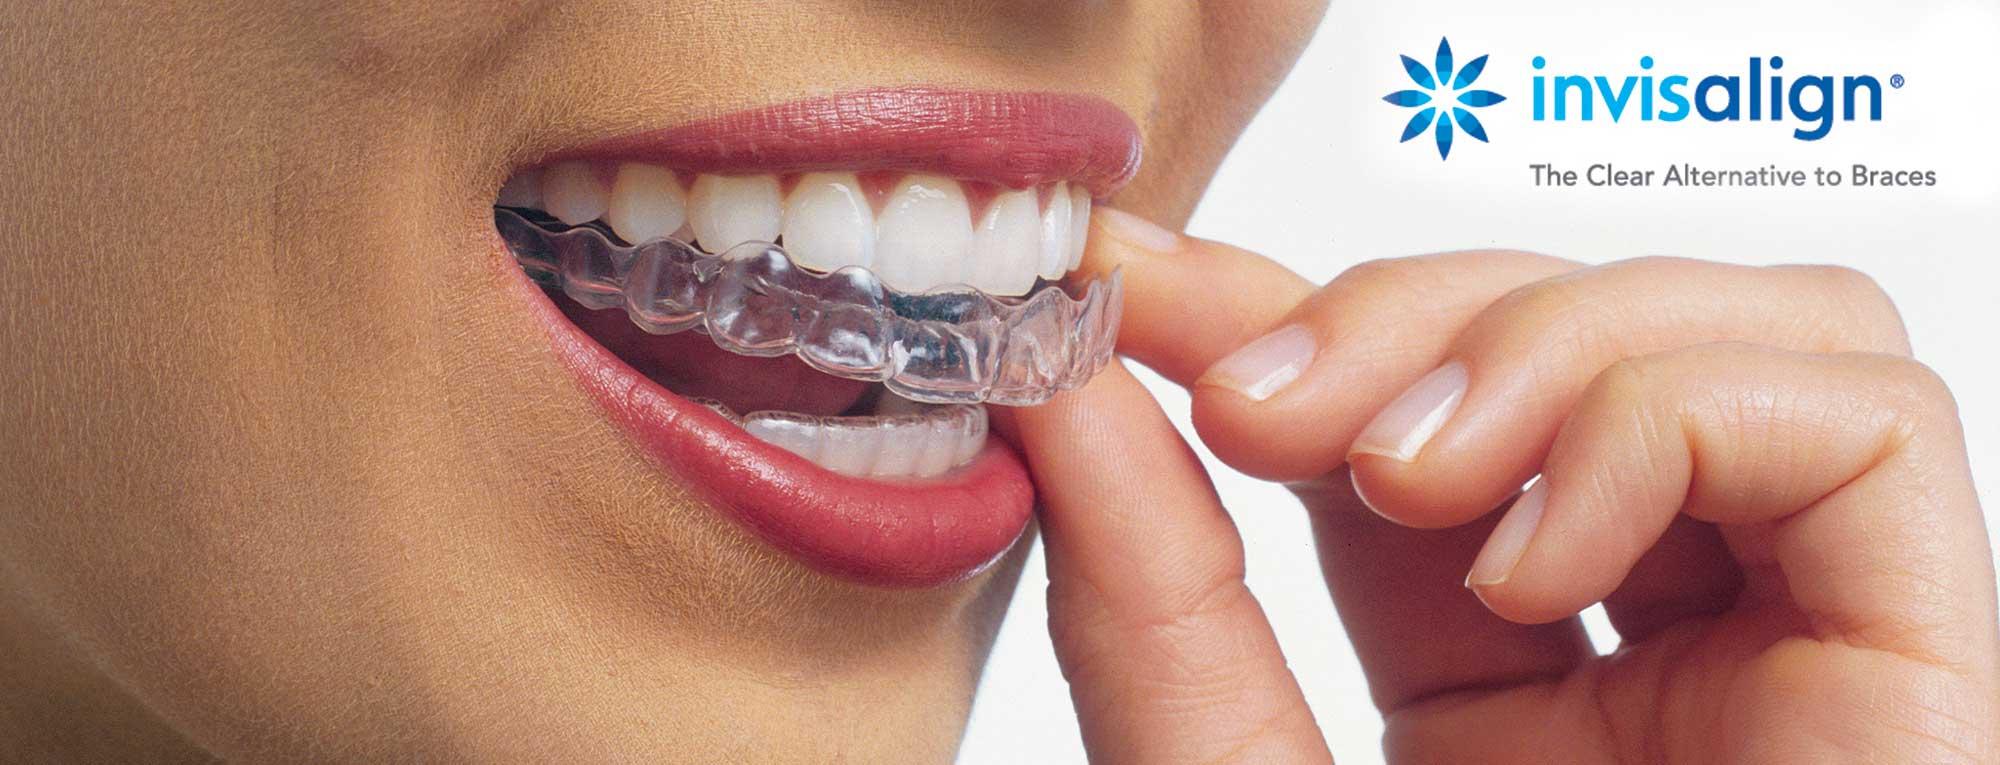 Tânără cu aparat dentar invizibil Invisalign